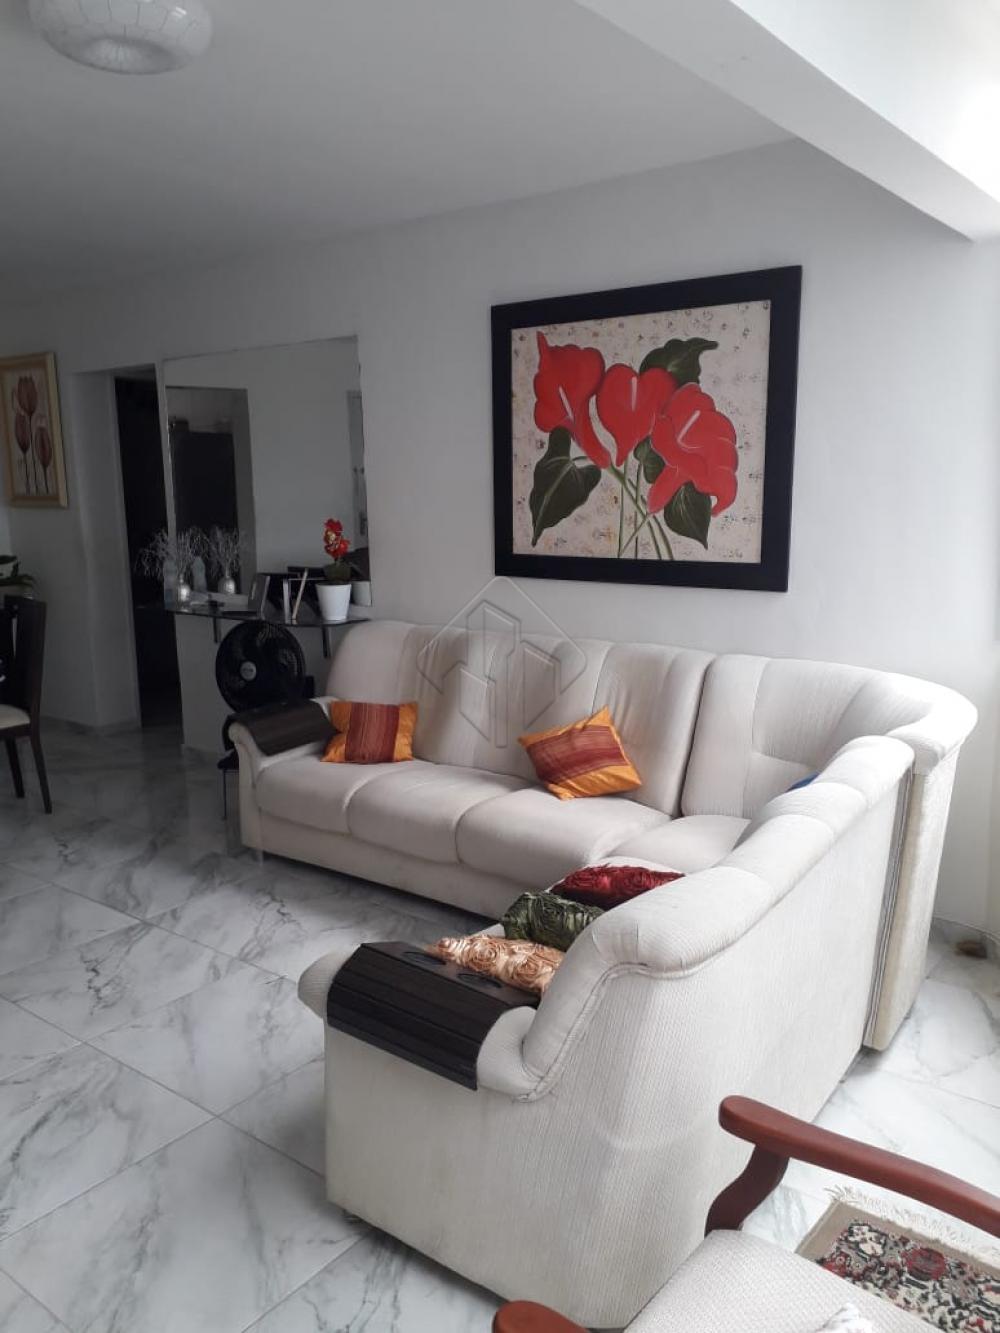 Apartamento com 03 quartos sendo 01 suite, sala ampla para 3 ambientes, cozinha com área de serviço e despensa, 2 vaga de garagem coberta.  segundo andar escada, na principal do bairro treze de maio.   AGENDE AGORA SUA VISITA TEIXEIRA DE CARVALHO IMOBILIÁRIA CRECI 304J - (83) 2106-4545